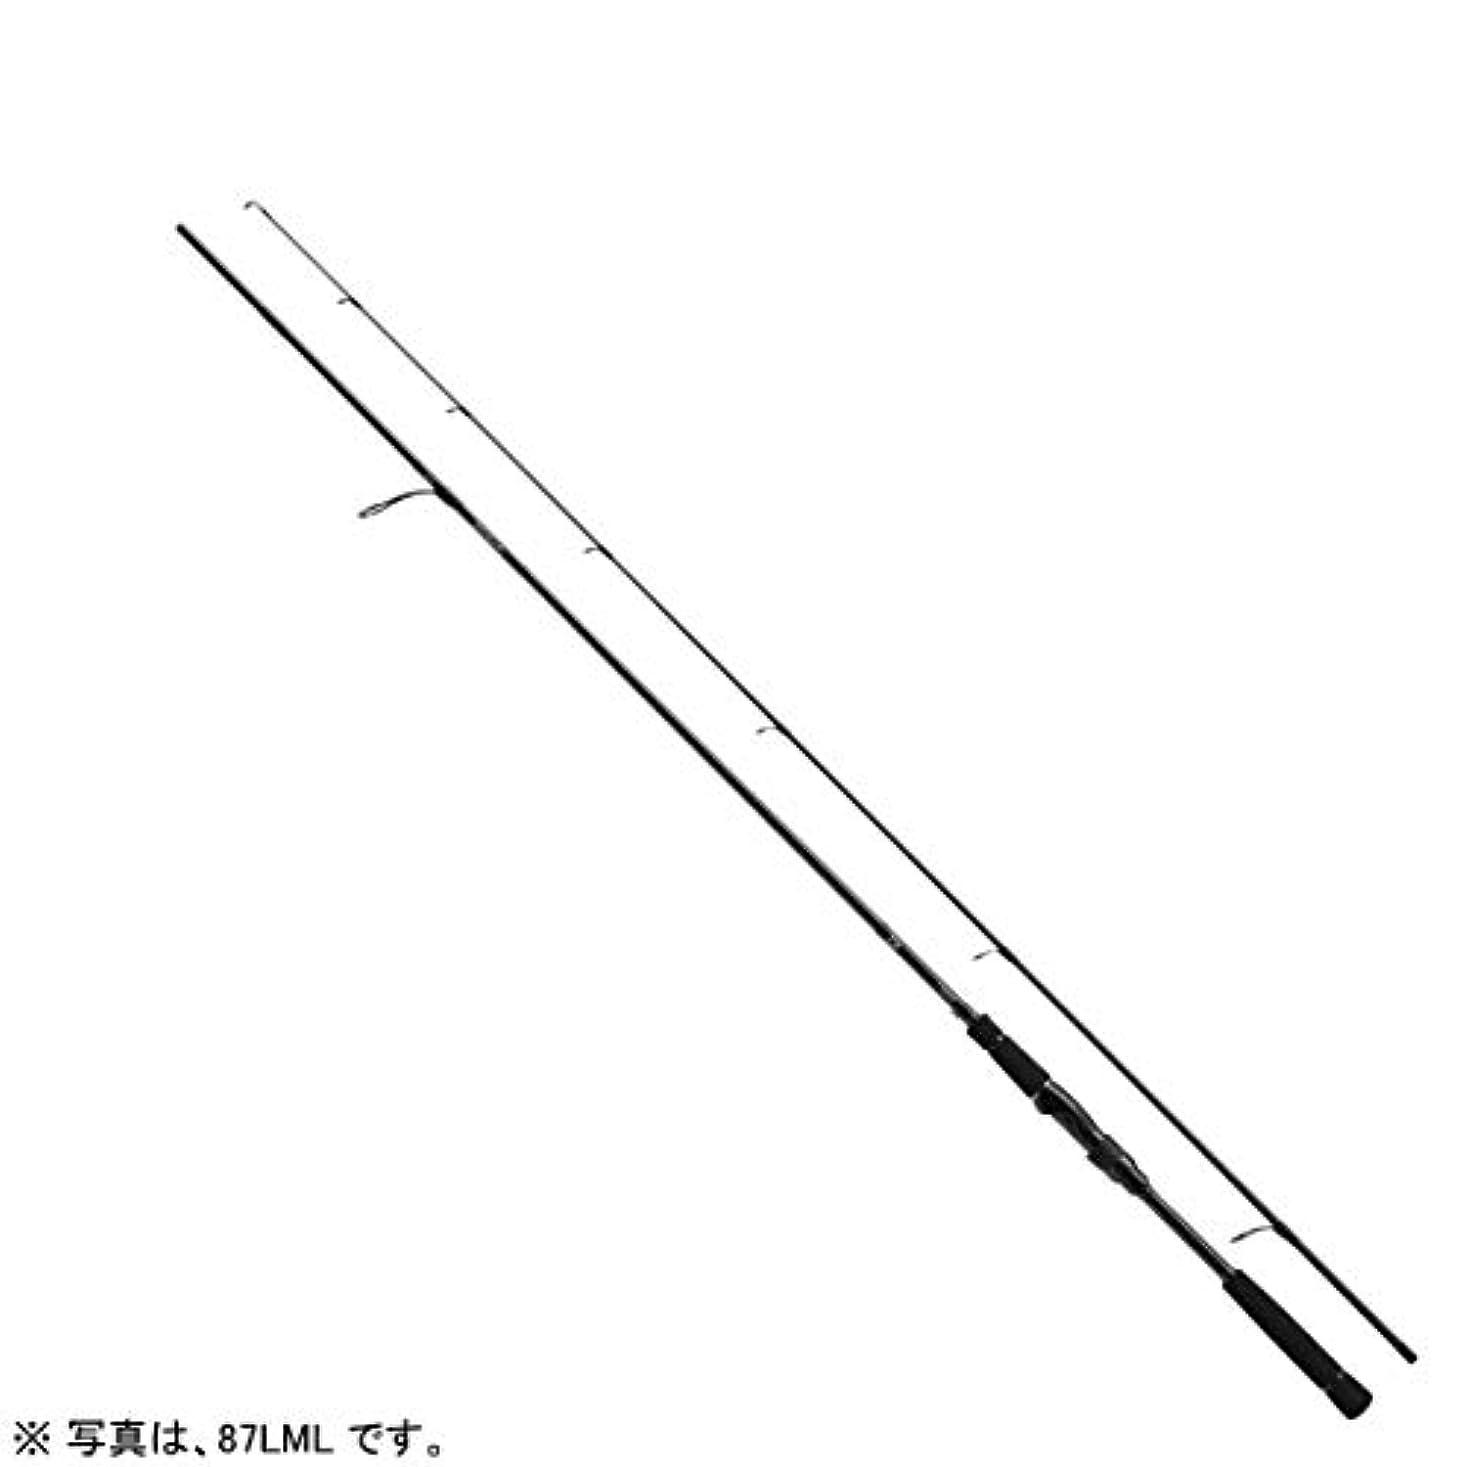 しばしば同情モードダイワ(Daiwa) シーバスロッド スピニング ラブラックス AGS 90M 釣り竿